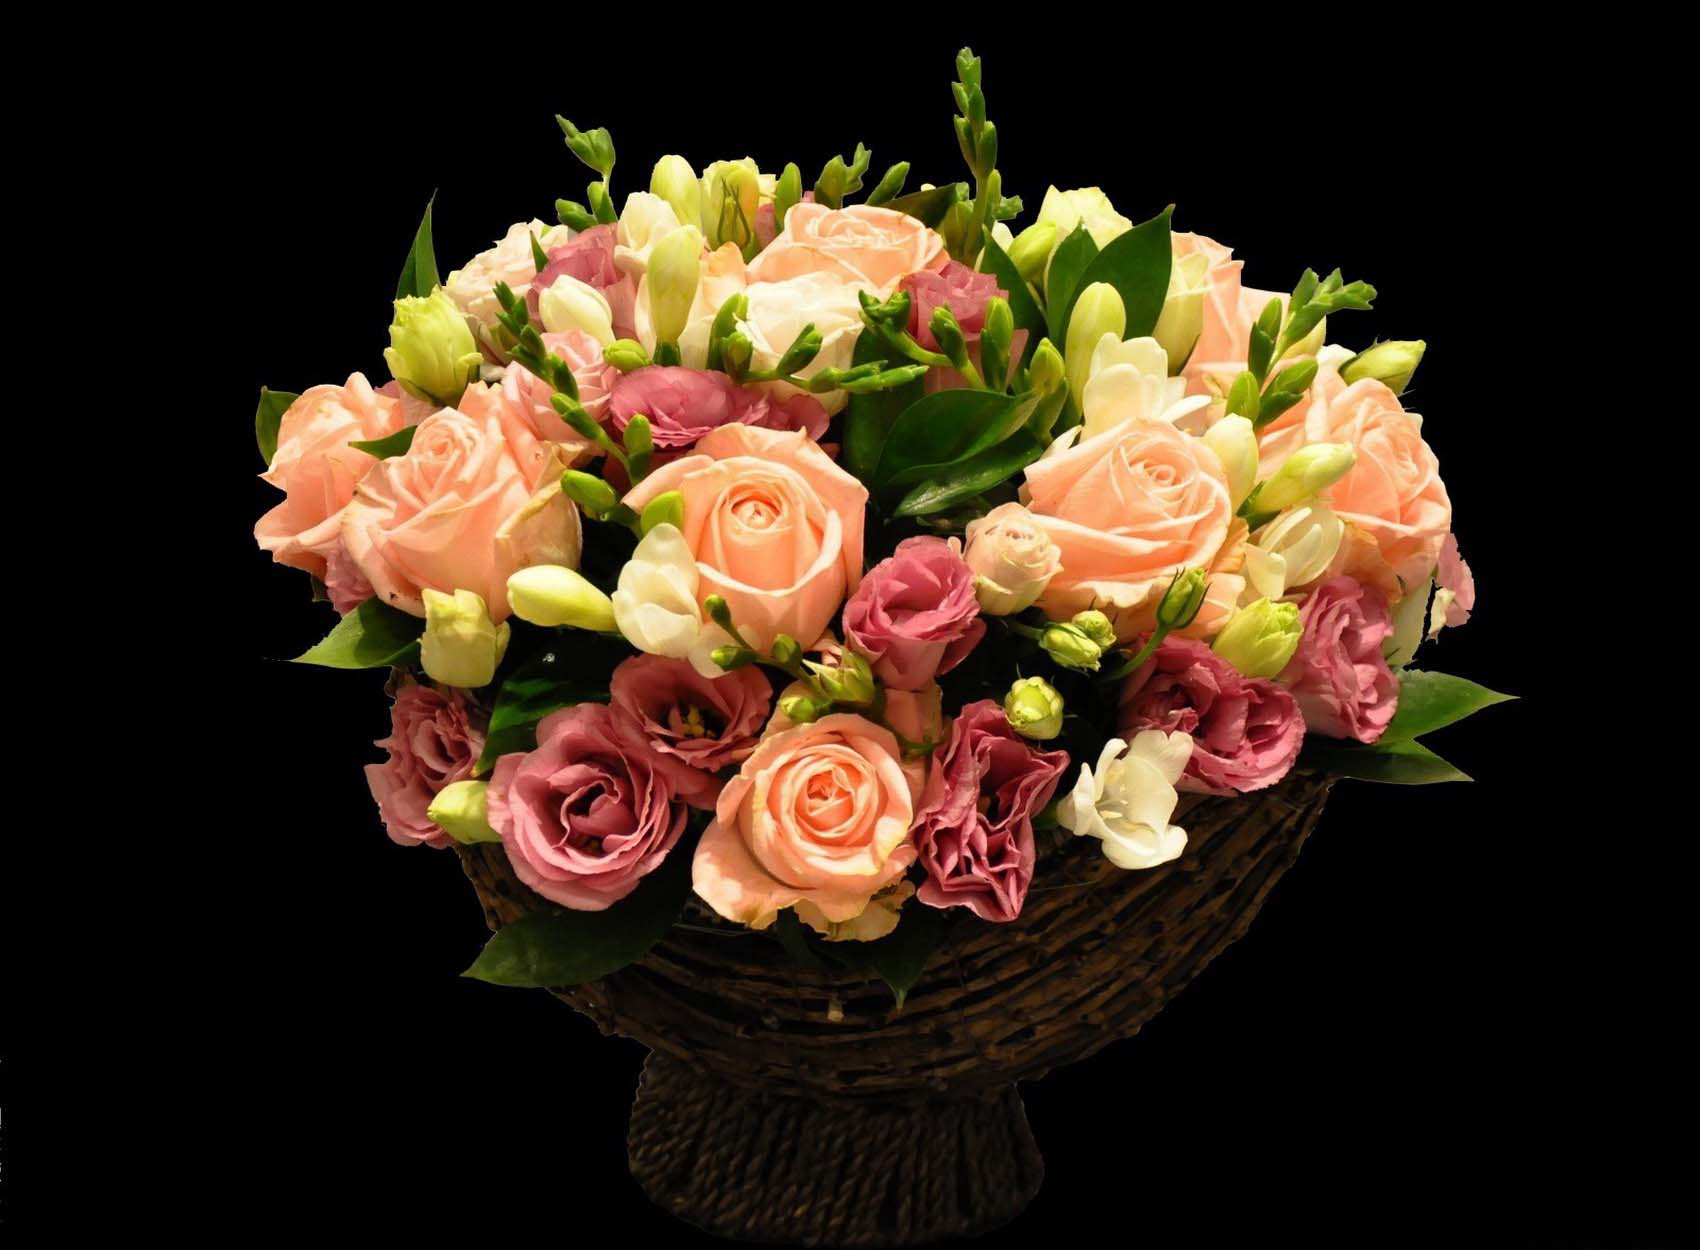 свадебные подушечки для колец из цветов фото